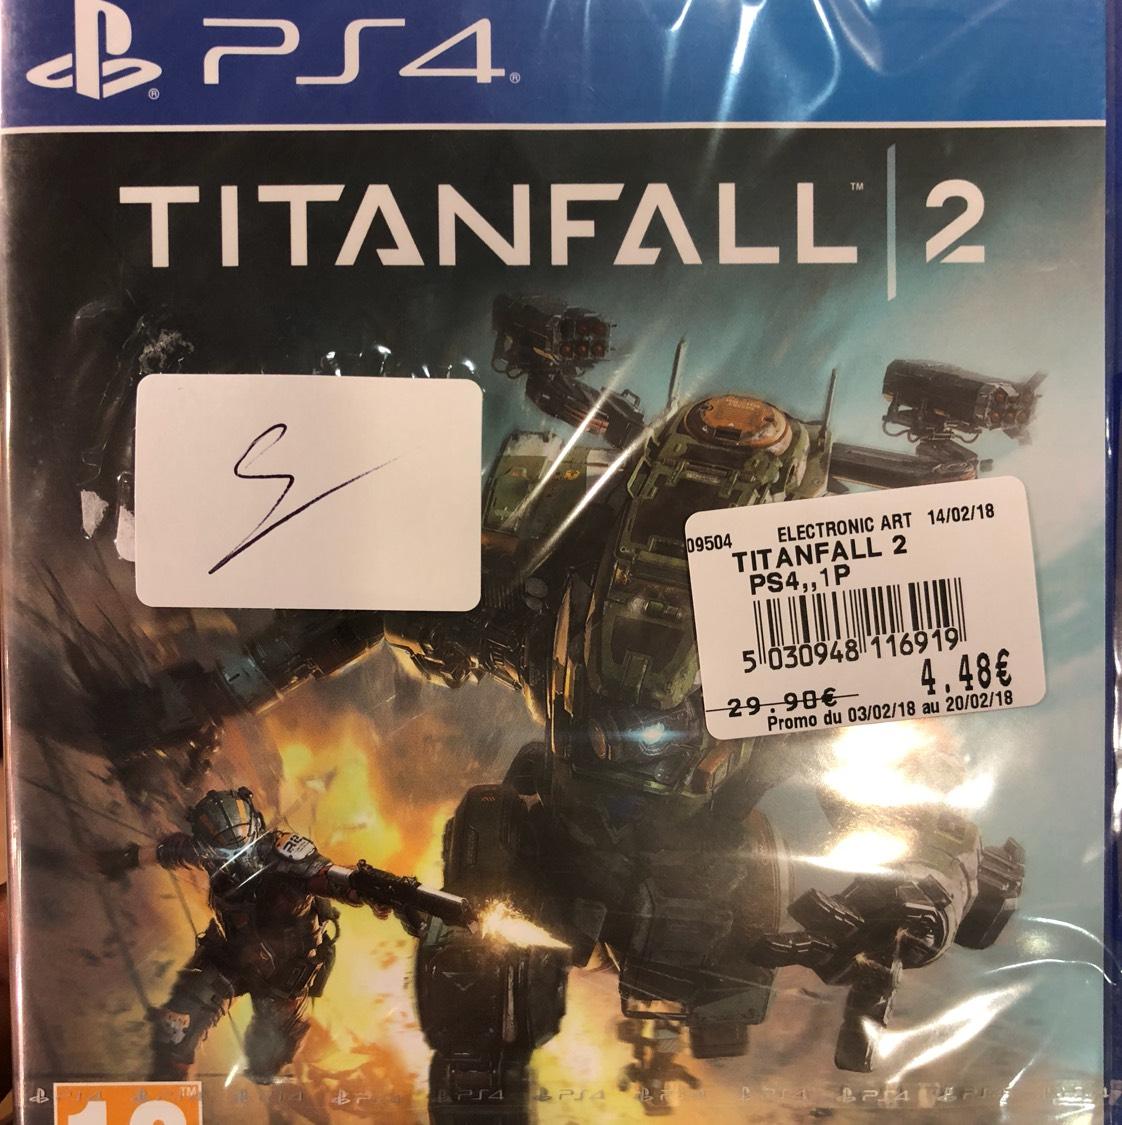 Titanfall 2 sur PS4 et Xbox One - Varennes sur Seine (77)